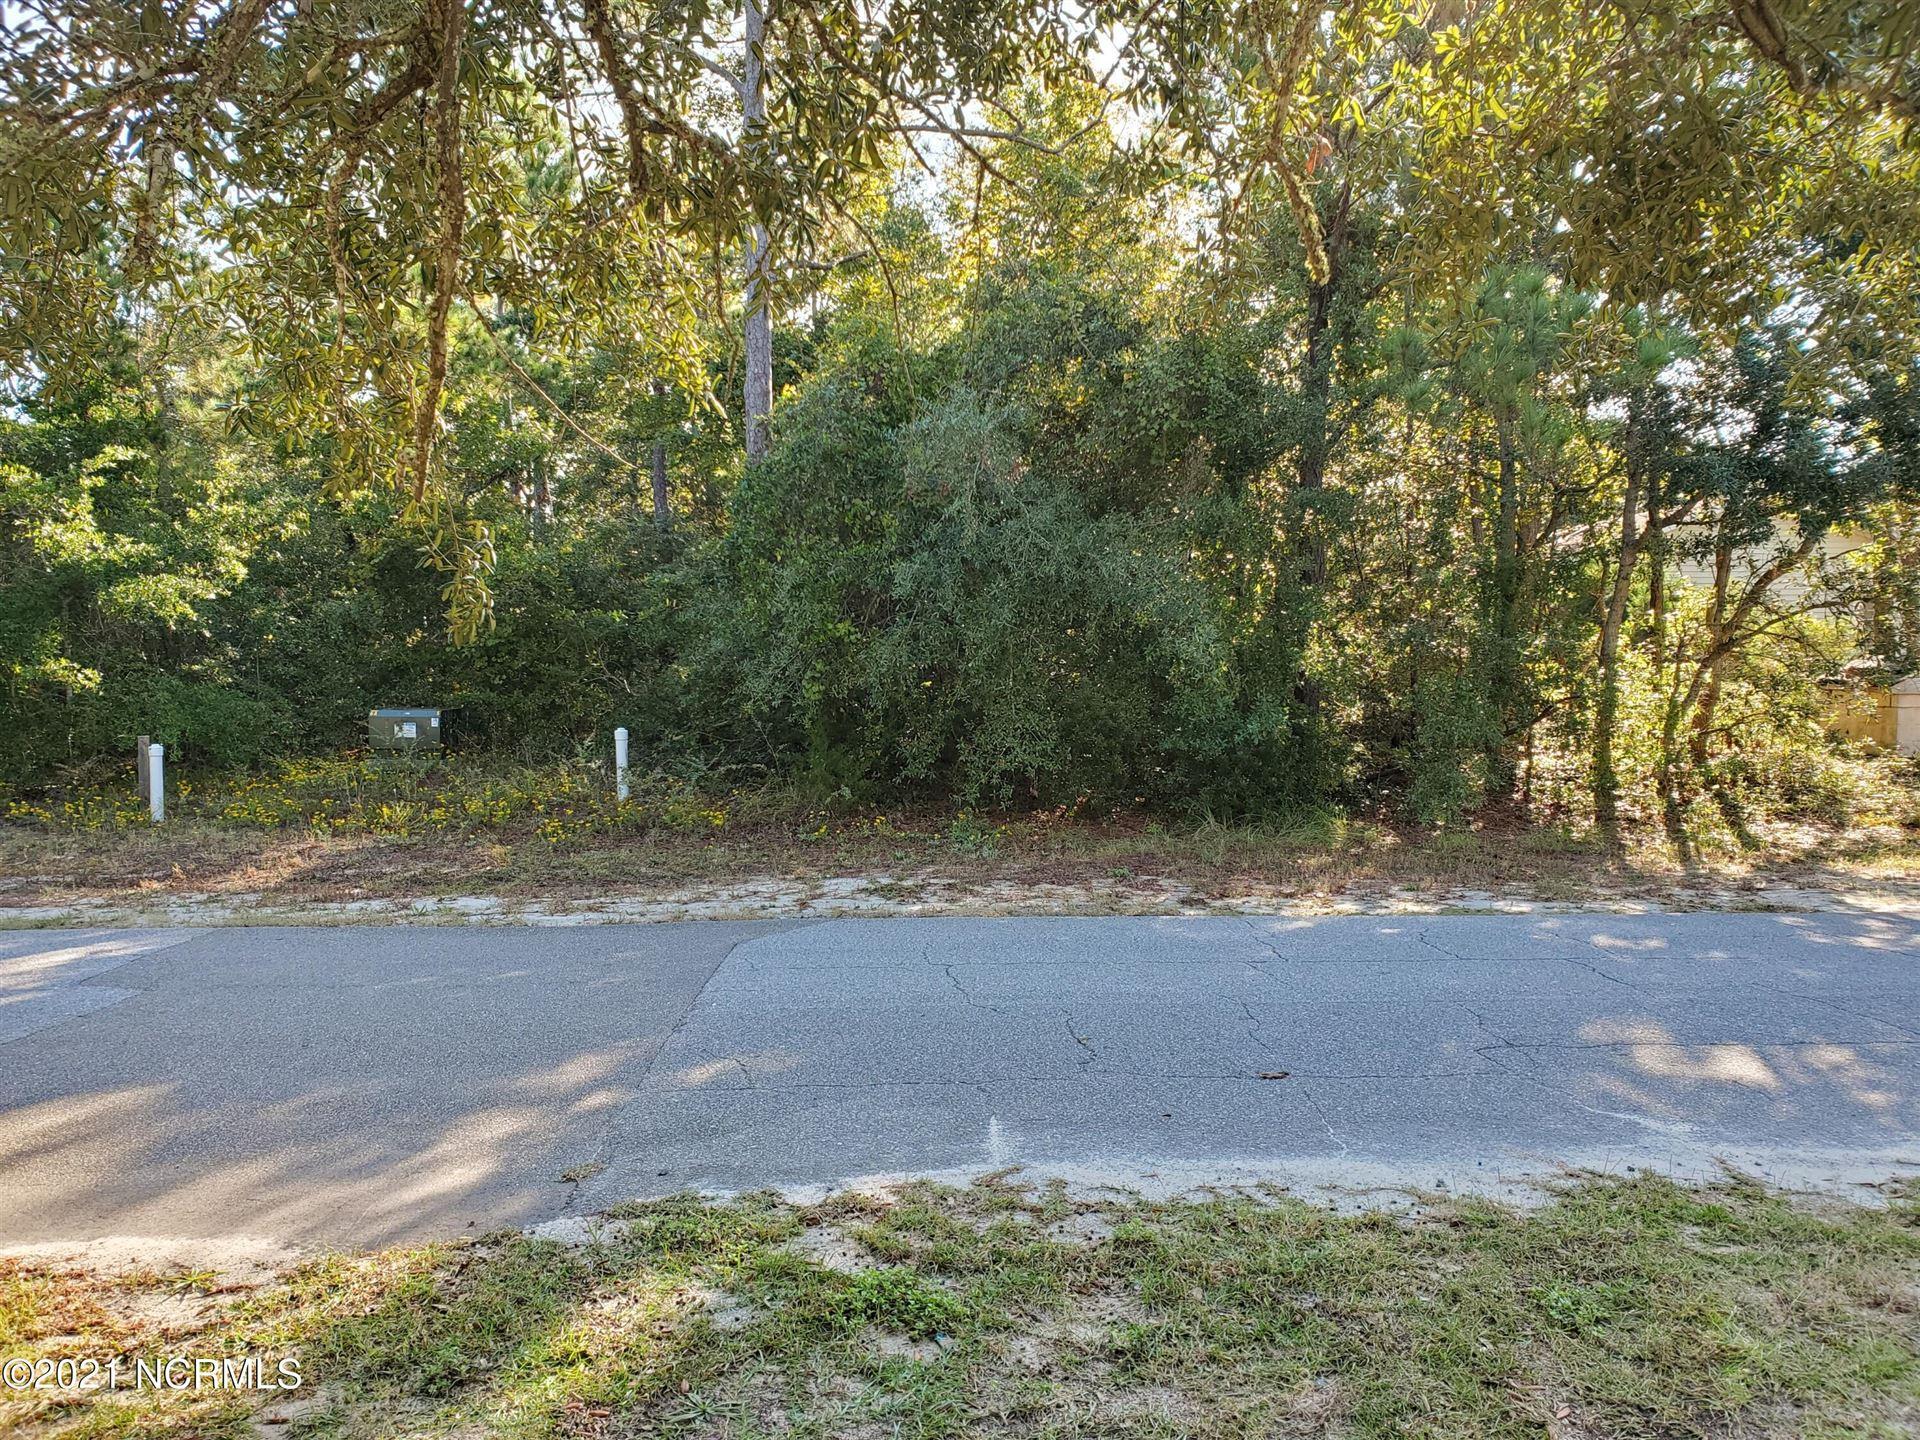 Photo of L - 58 NW 14th Street, Oak Island, NC 28465 (MLS # 100294960)